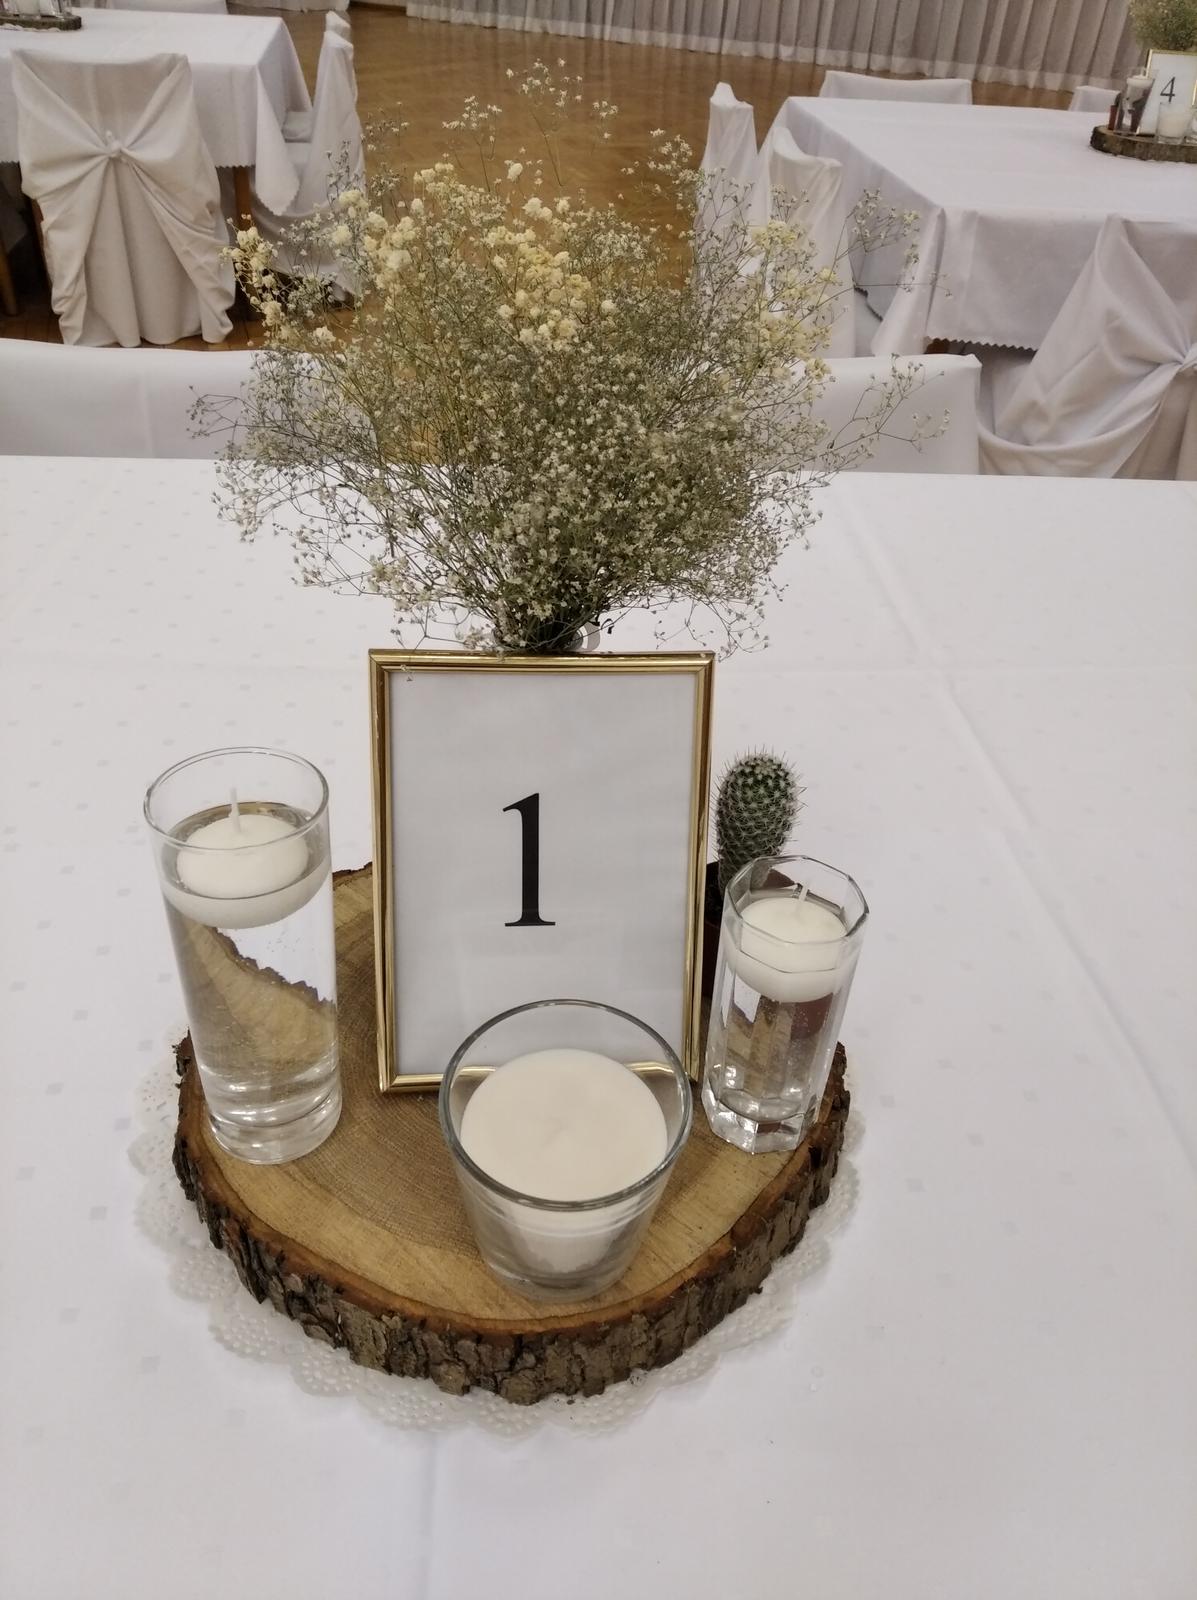 dekorácie na stôl - Obrázok č. 2